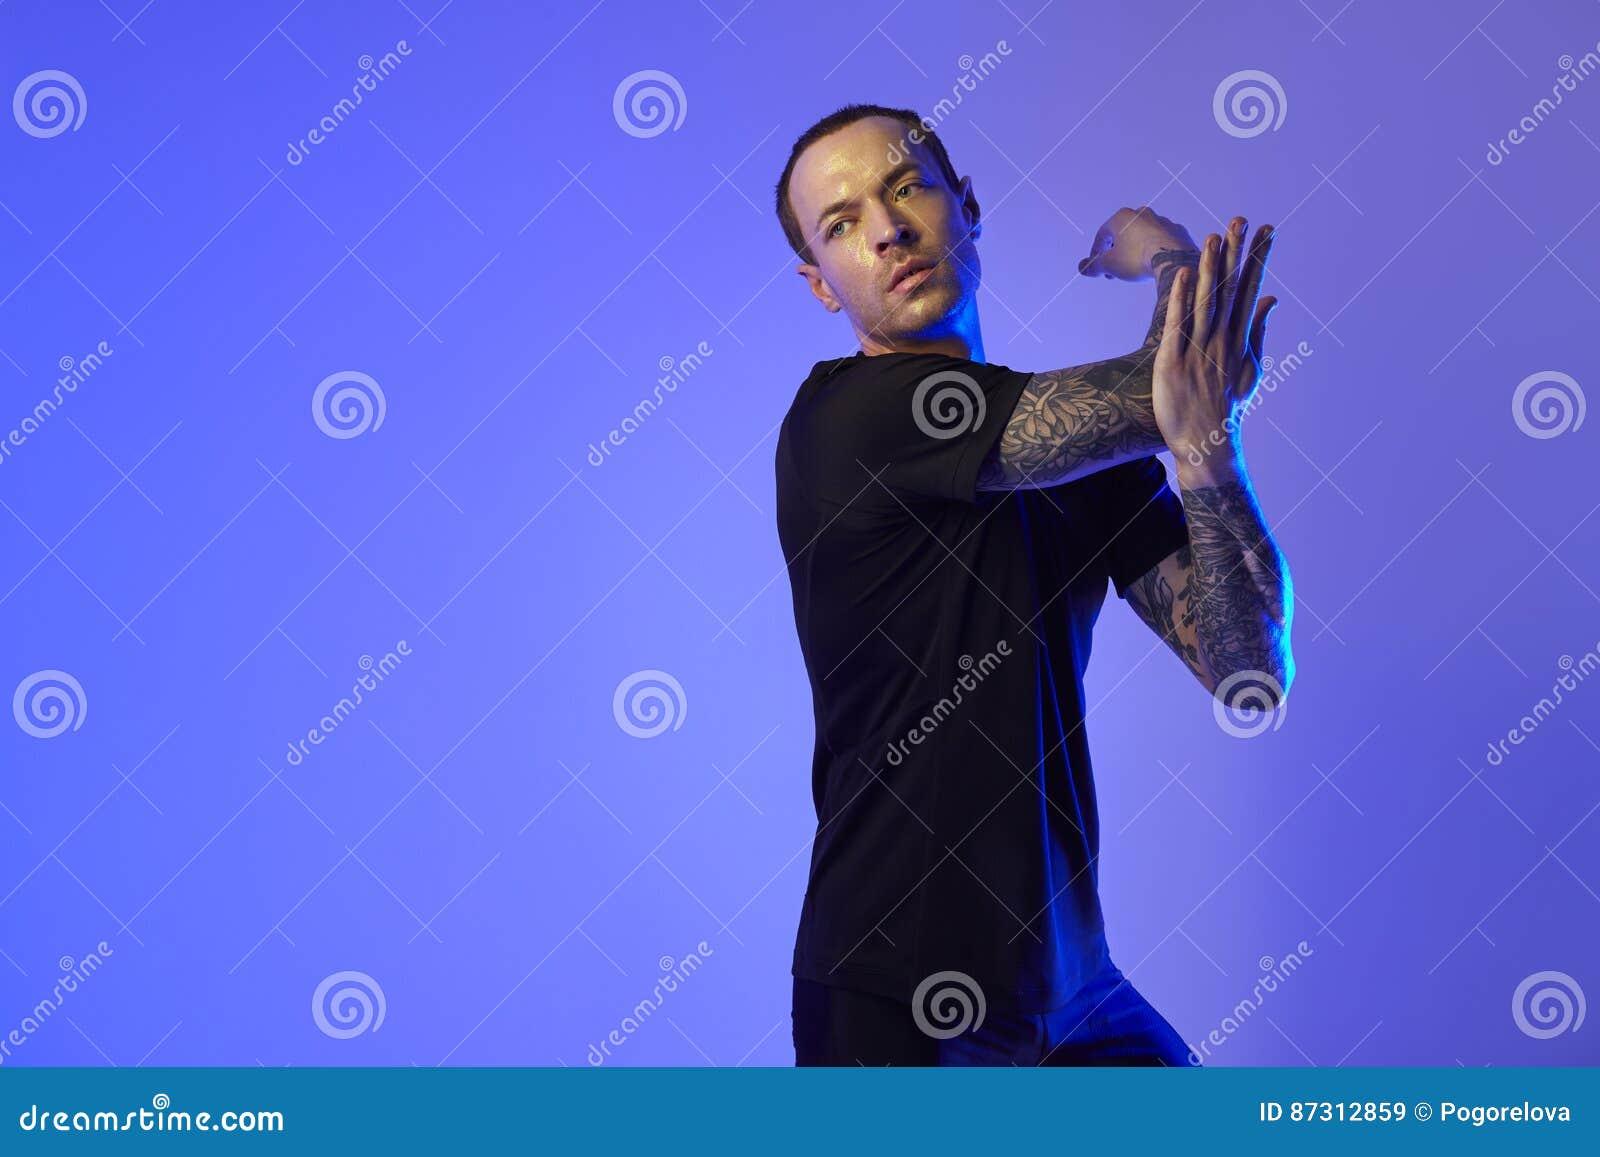 portrait of sport fit attractive man in sportswear jacket color